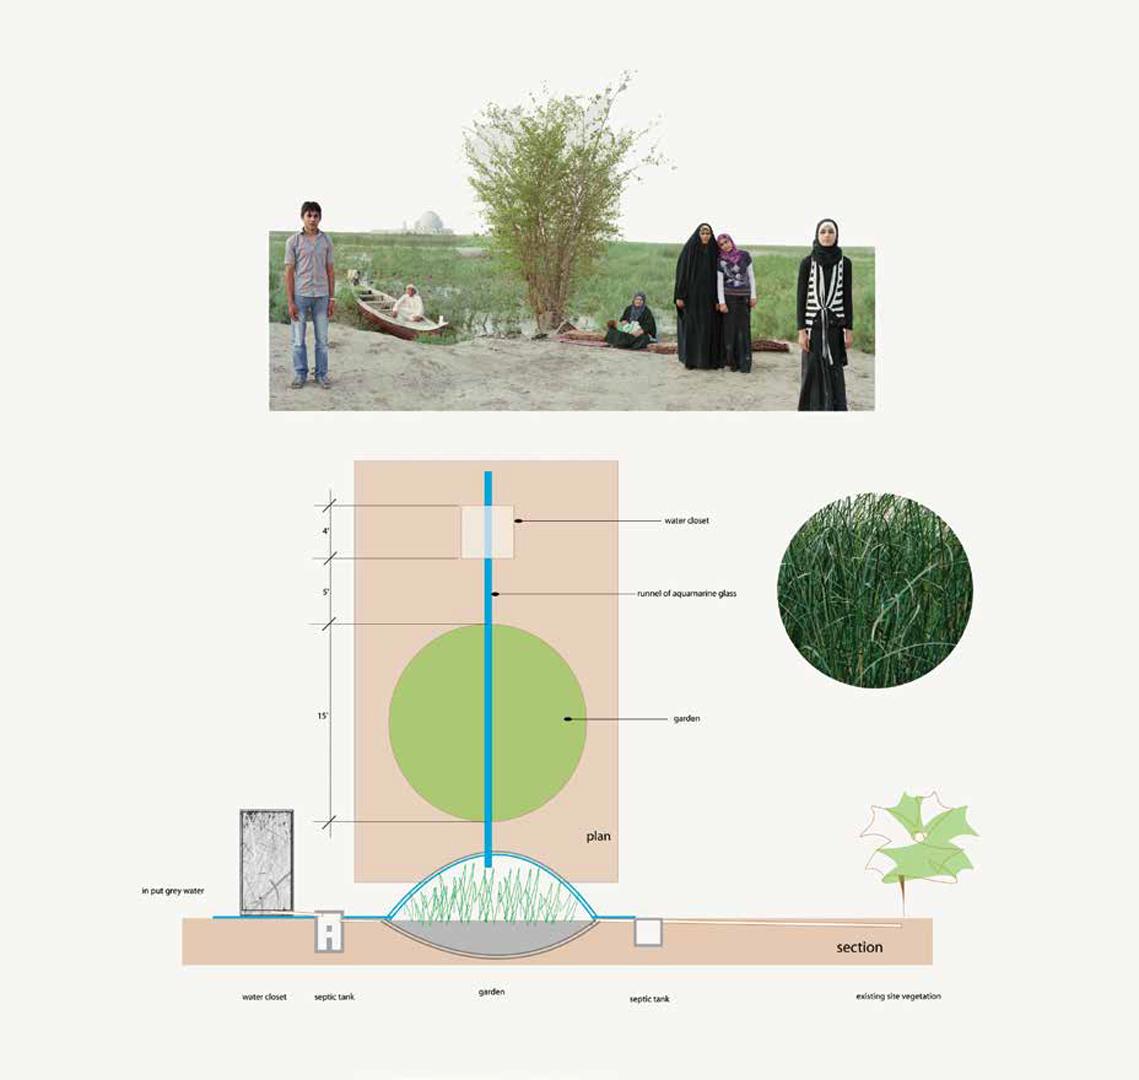 ©, Meridel Rubenstein, Catherine Page Harris, Mark Nelson, and Stacey Neff, EDEN AGAIN: A Wastewater Art Garden